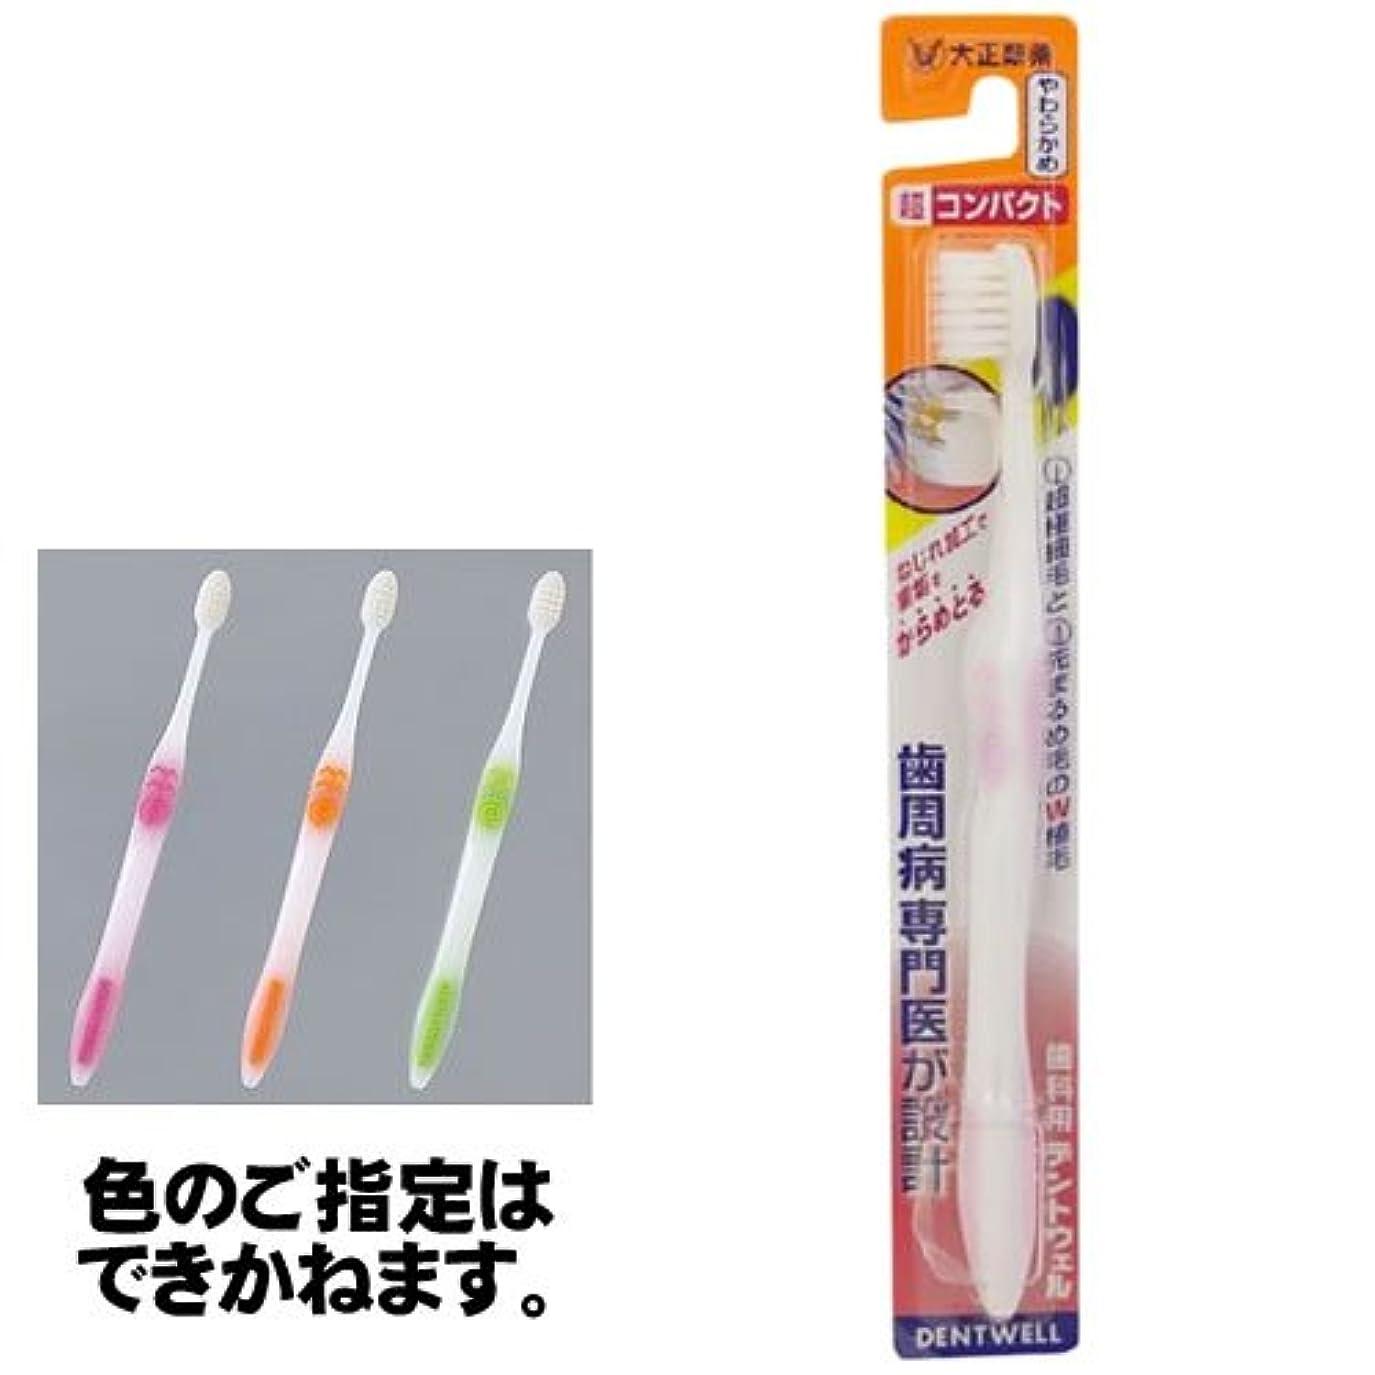 新しい意味比率ふくろう〔大正製薬〕歯科用デントウェル歯ブラシ 超コンパクト やわらかめ×12個セット